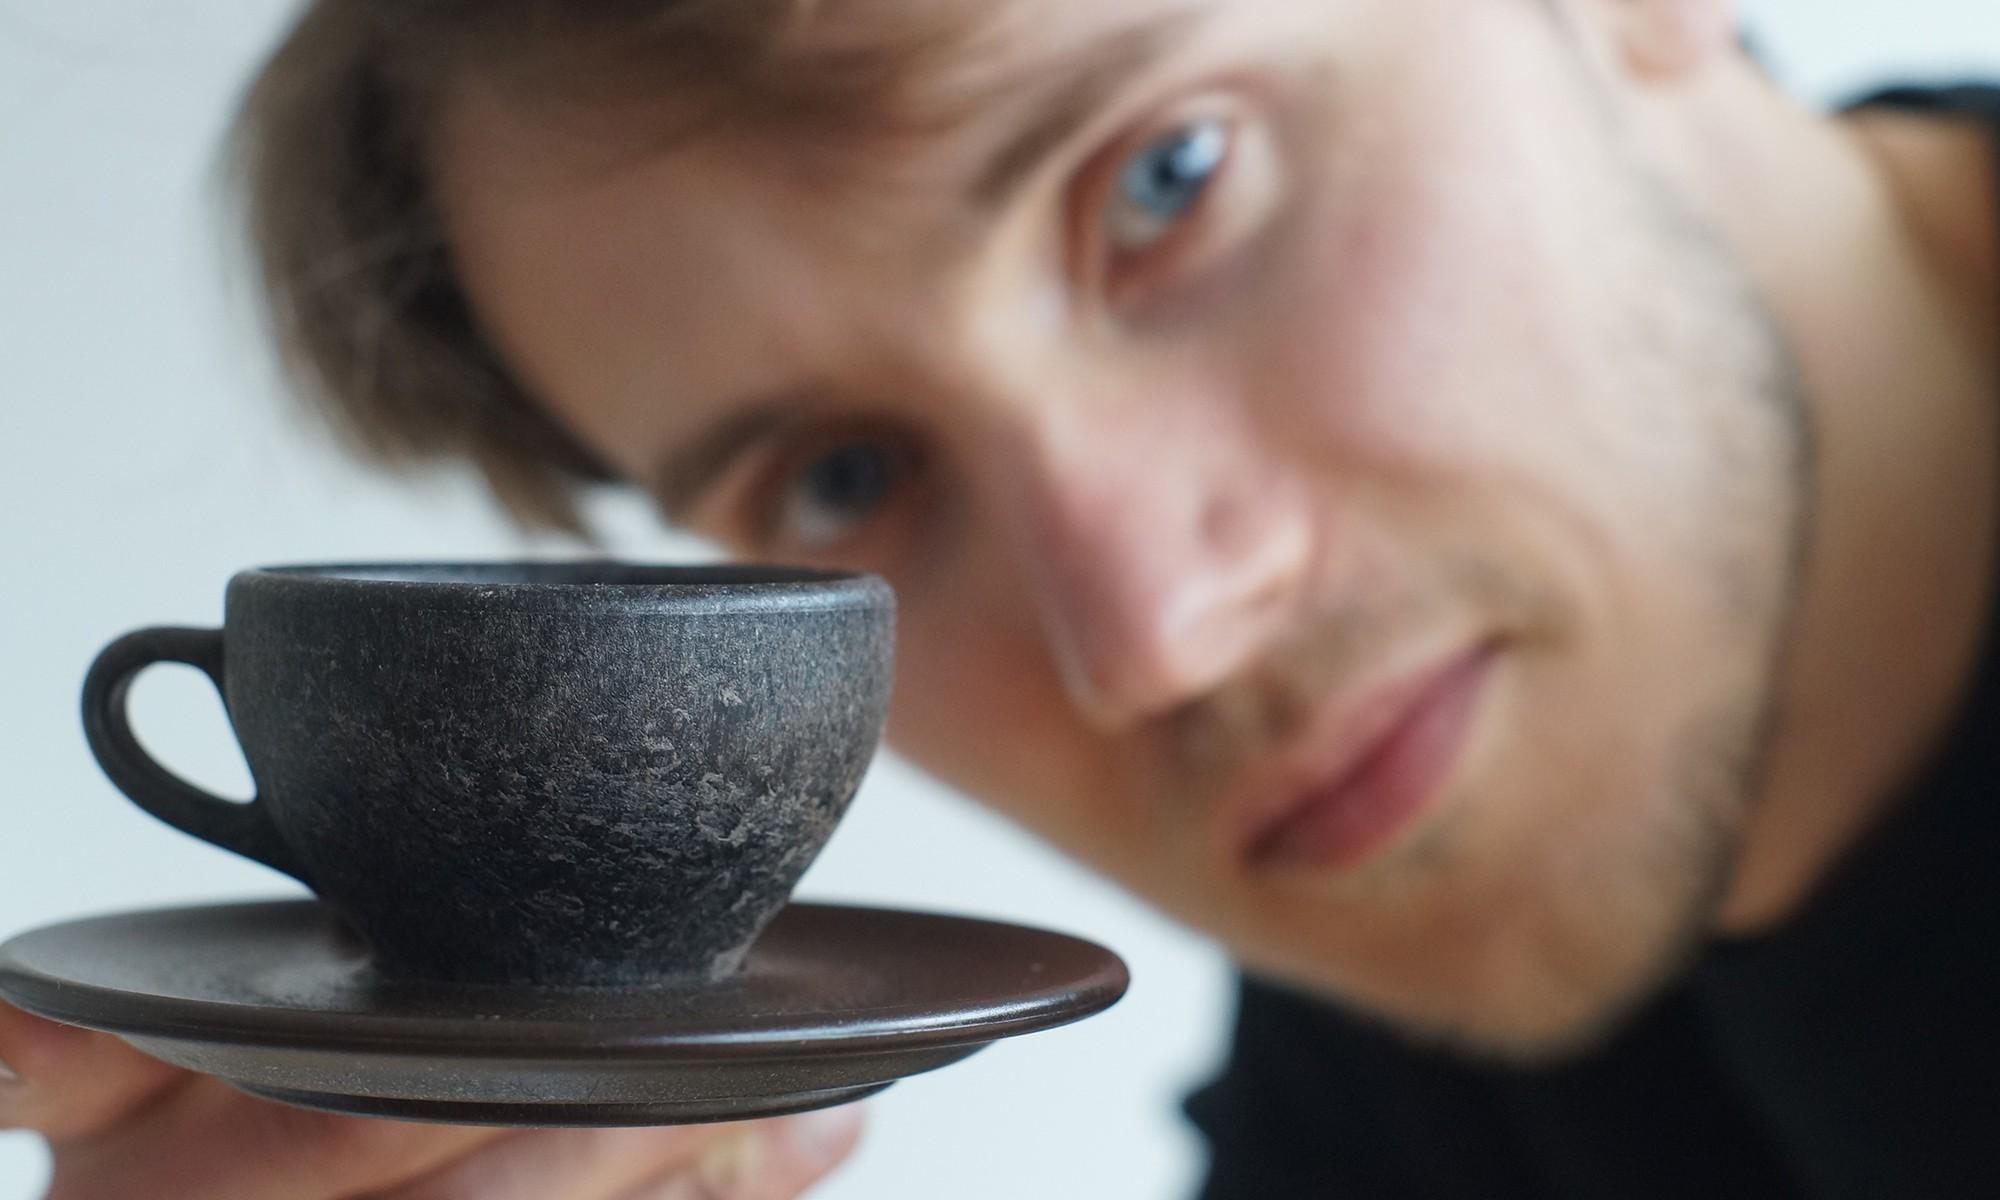 Hết trà sữa không ống hút lại có cốc cà phê làm từ bã cà phê, sân chơi zero waste ngày càng nhộn nhịp - Ảnh 2.